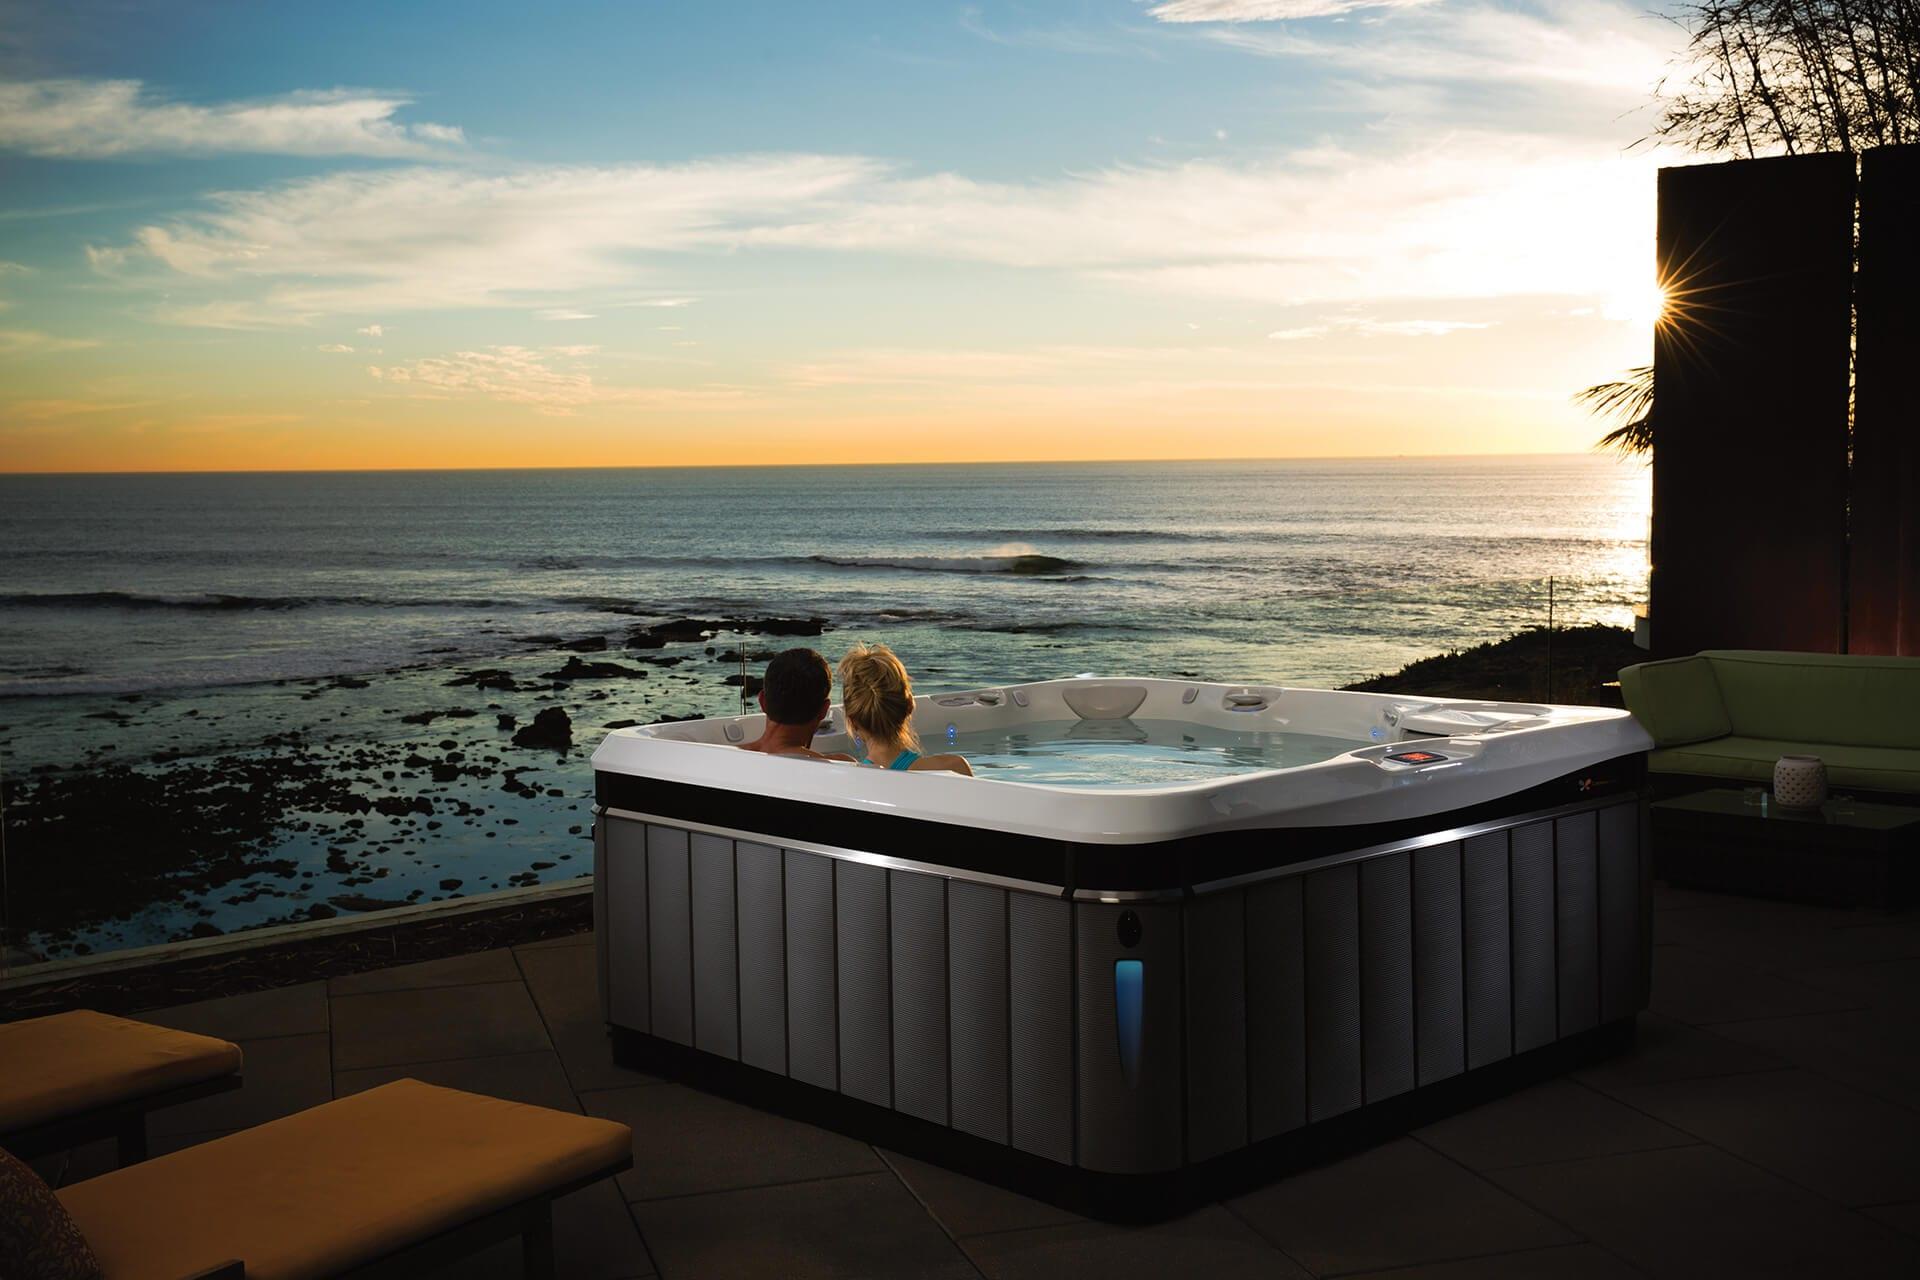 Spa Caldera caldera hot tubs for sale reno, discount portable spas